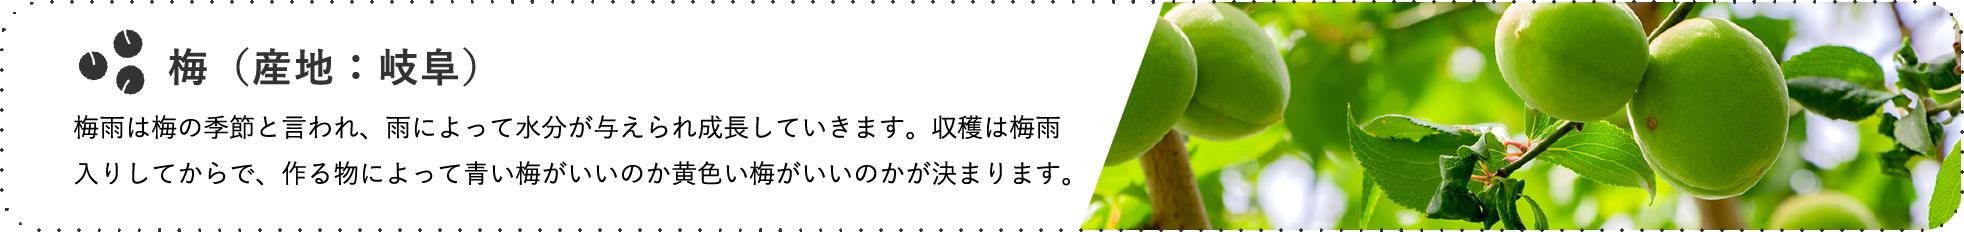 梅(産地:岐阜) / 梅雨は梅の季節と言われ、雨によって水分が与えられ成長していきます。収穫は梅雨入りしてからで、作る物によって青い梅がいいのか黄色い梅がいいのかが決まります。